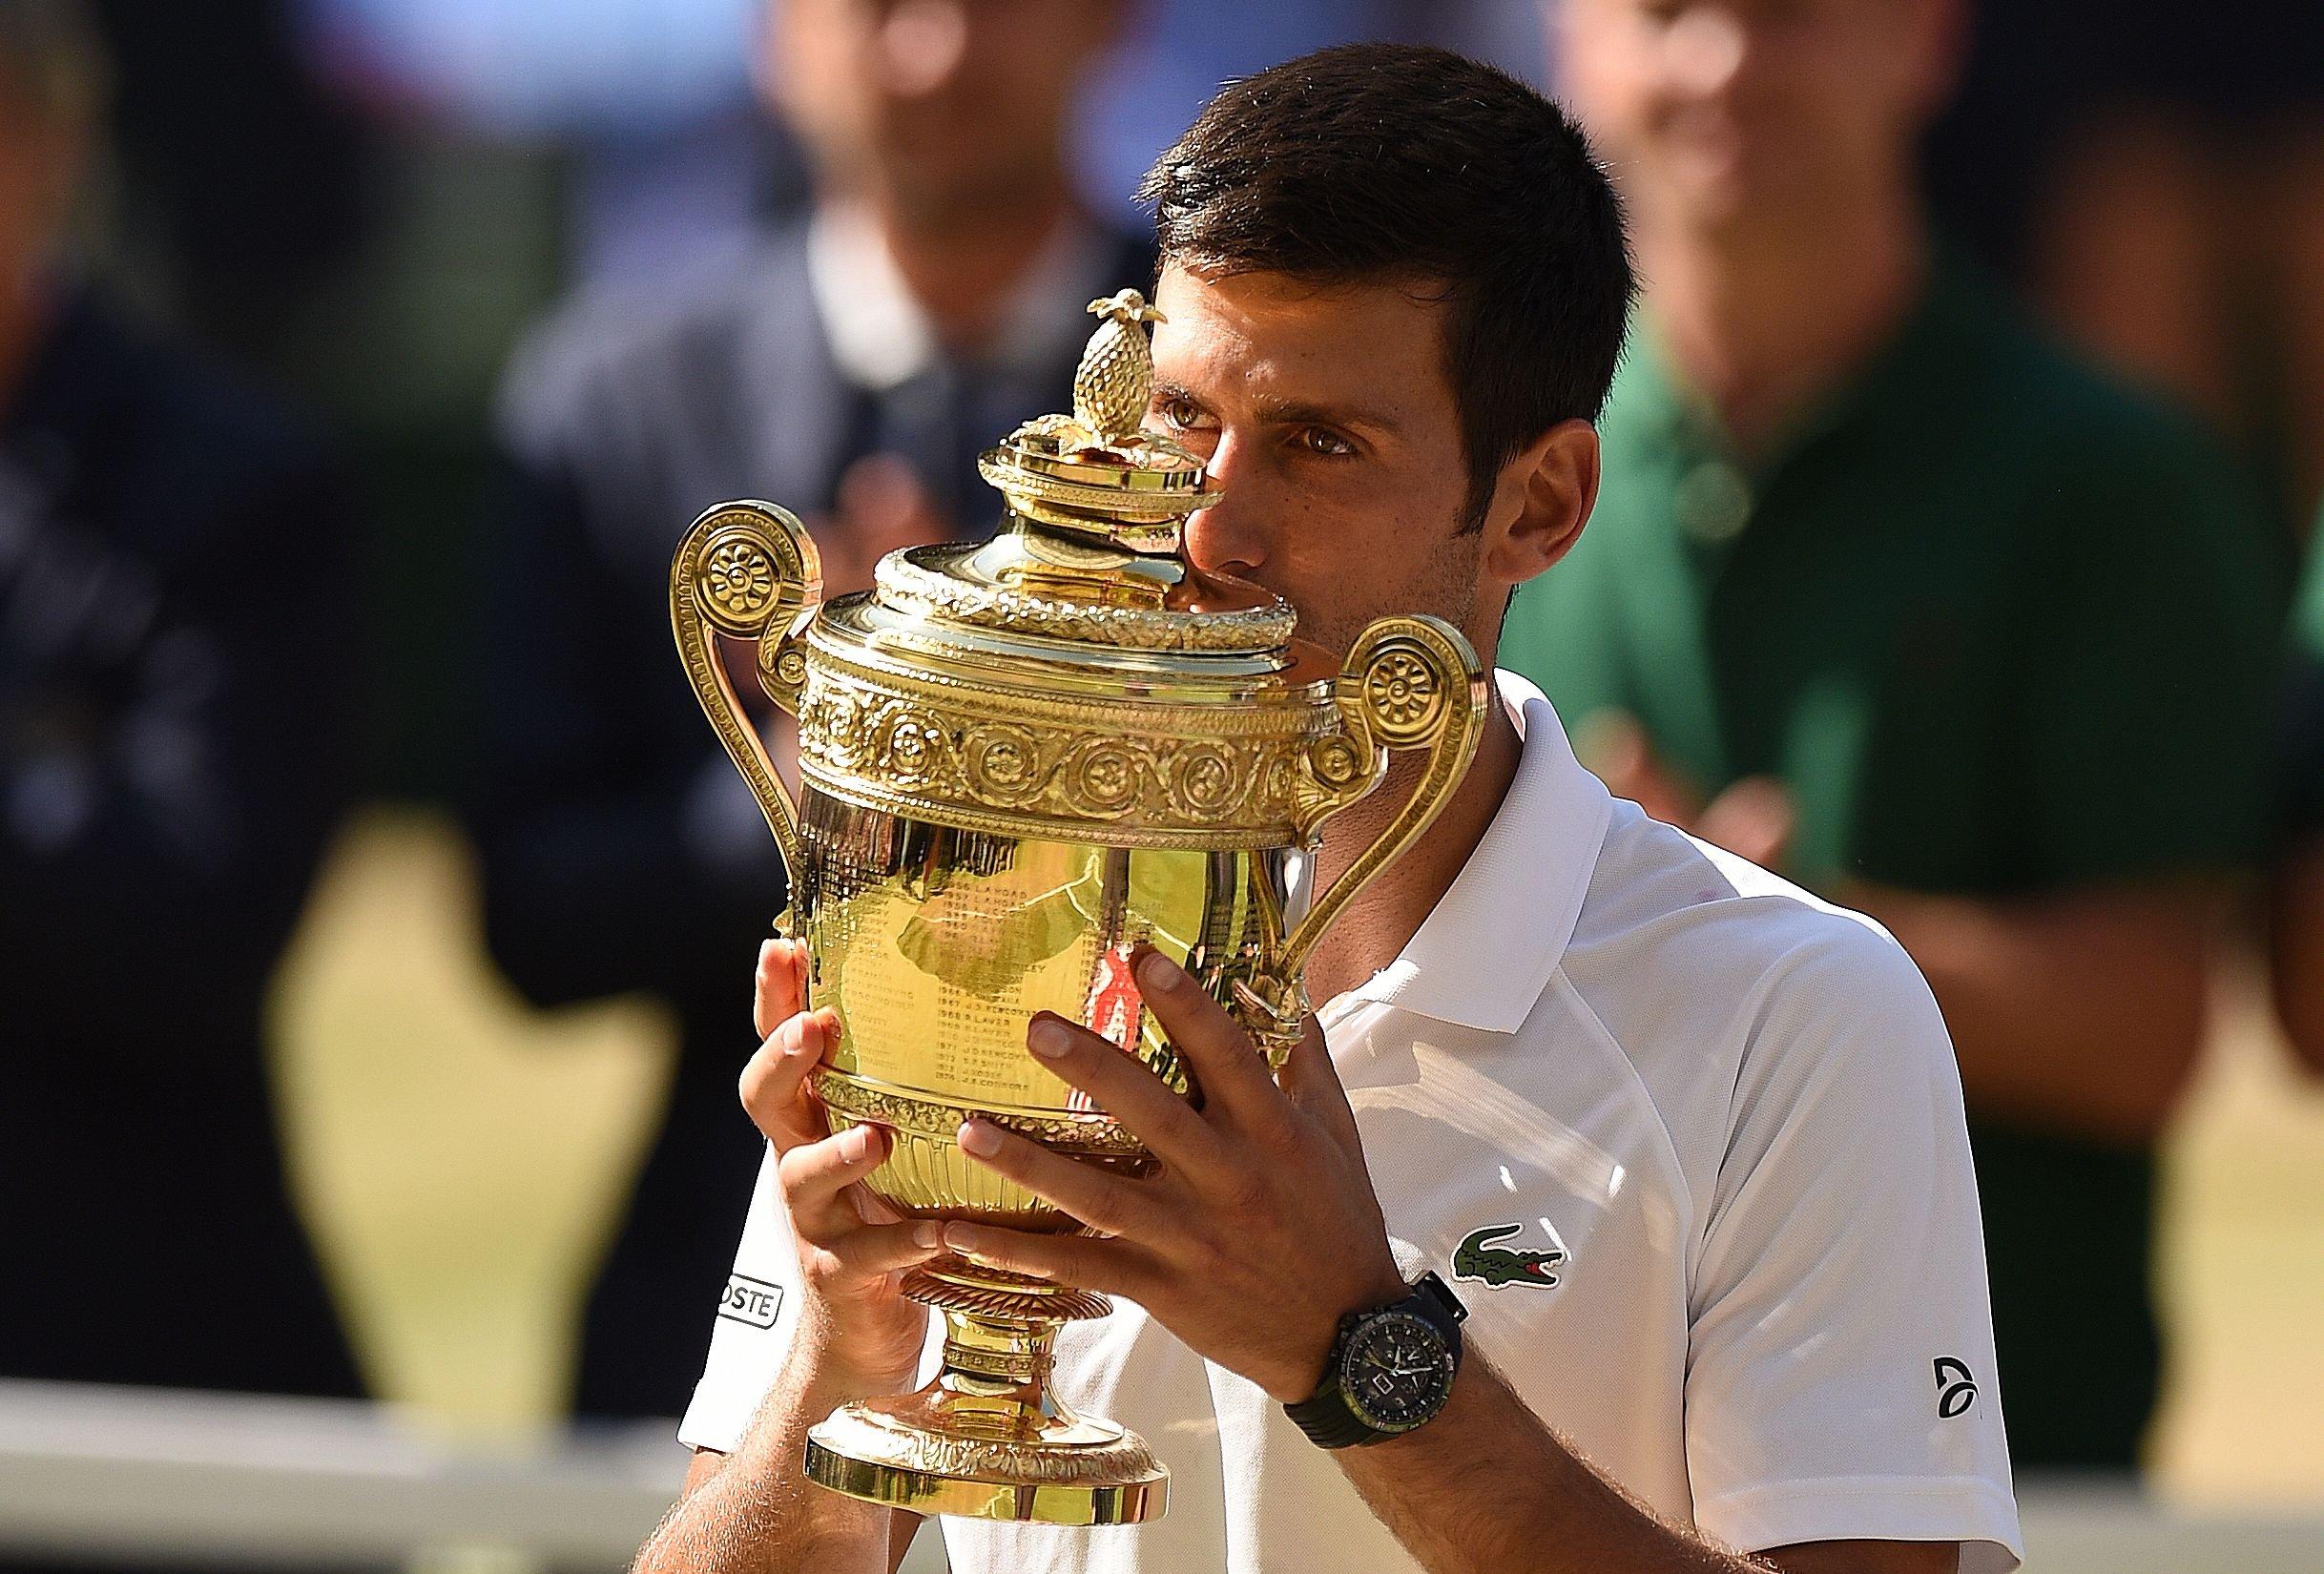 Deportes: Djokovic y Anderson definen el título de Wimbledon